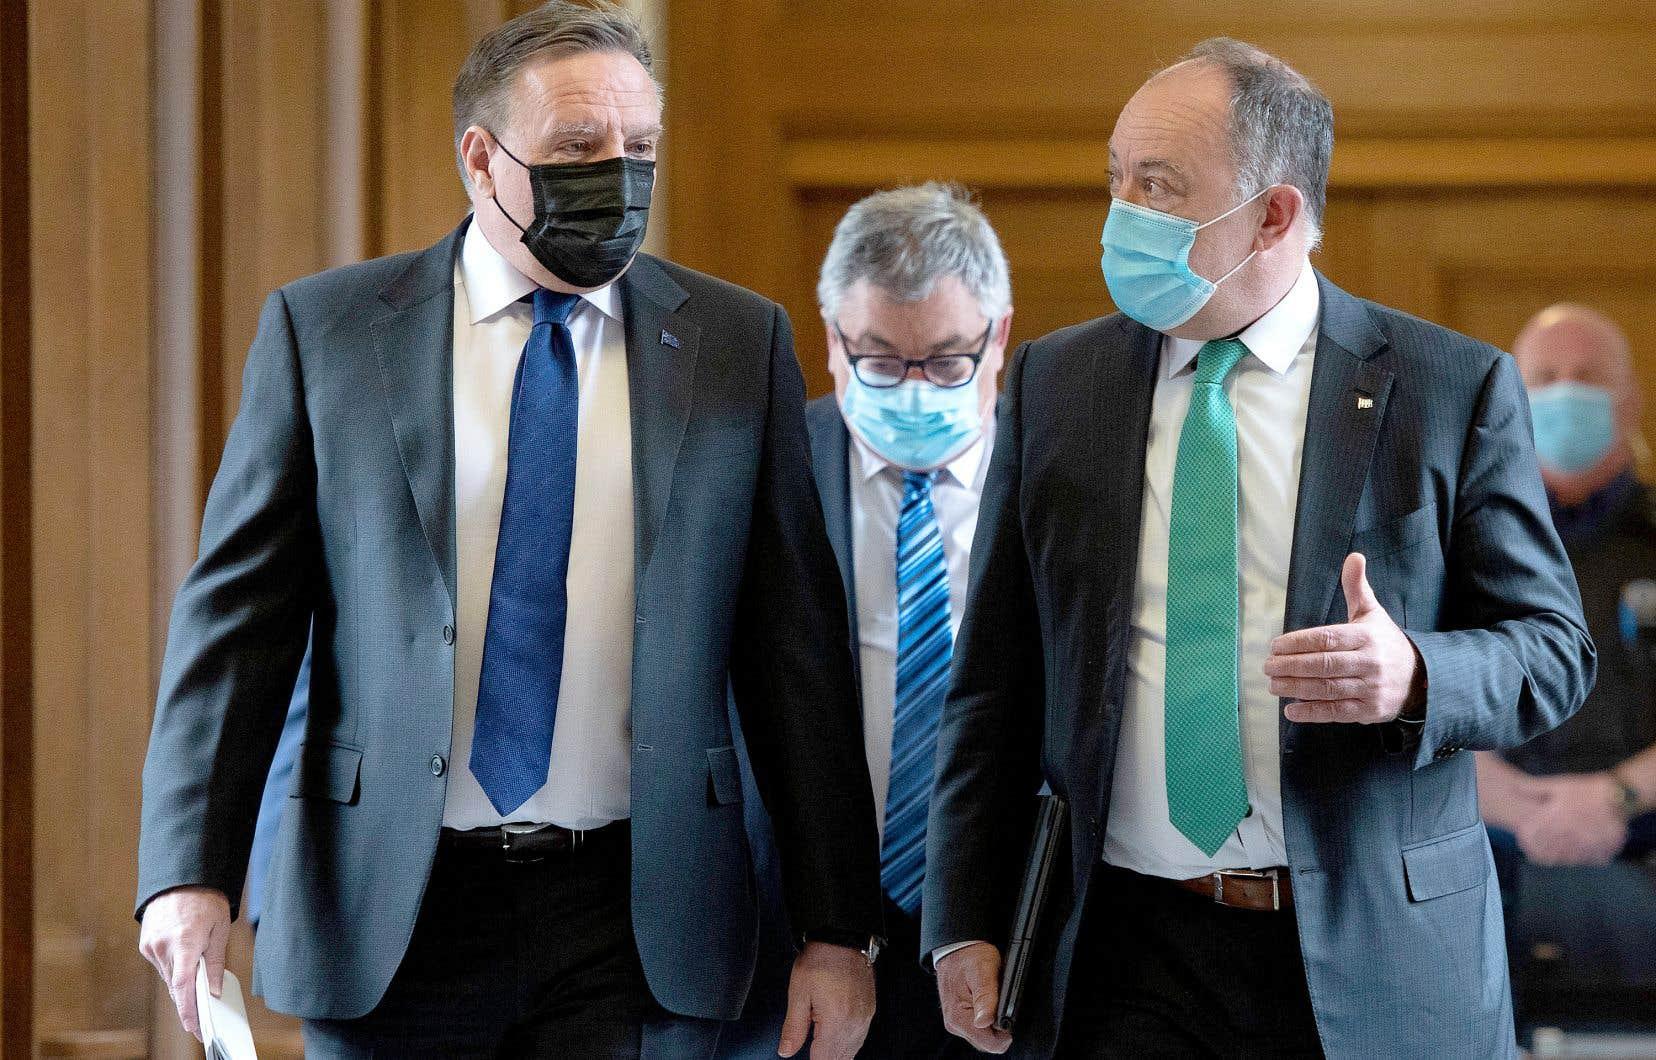 Le premier ministre, François Legault, le ministre de la Santé, Christian Dubé, et le directeur national de santé publique, Horacio Arruda, (à l'arrière) se rendant au point de presse sur la situation sanitaire, mardi.